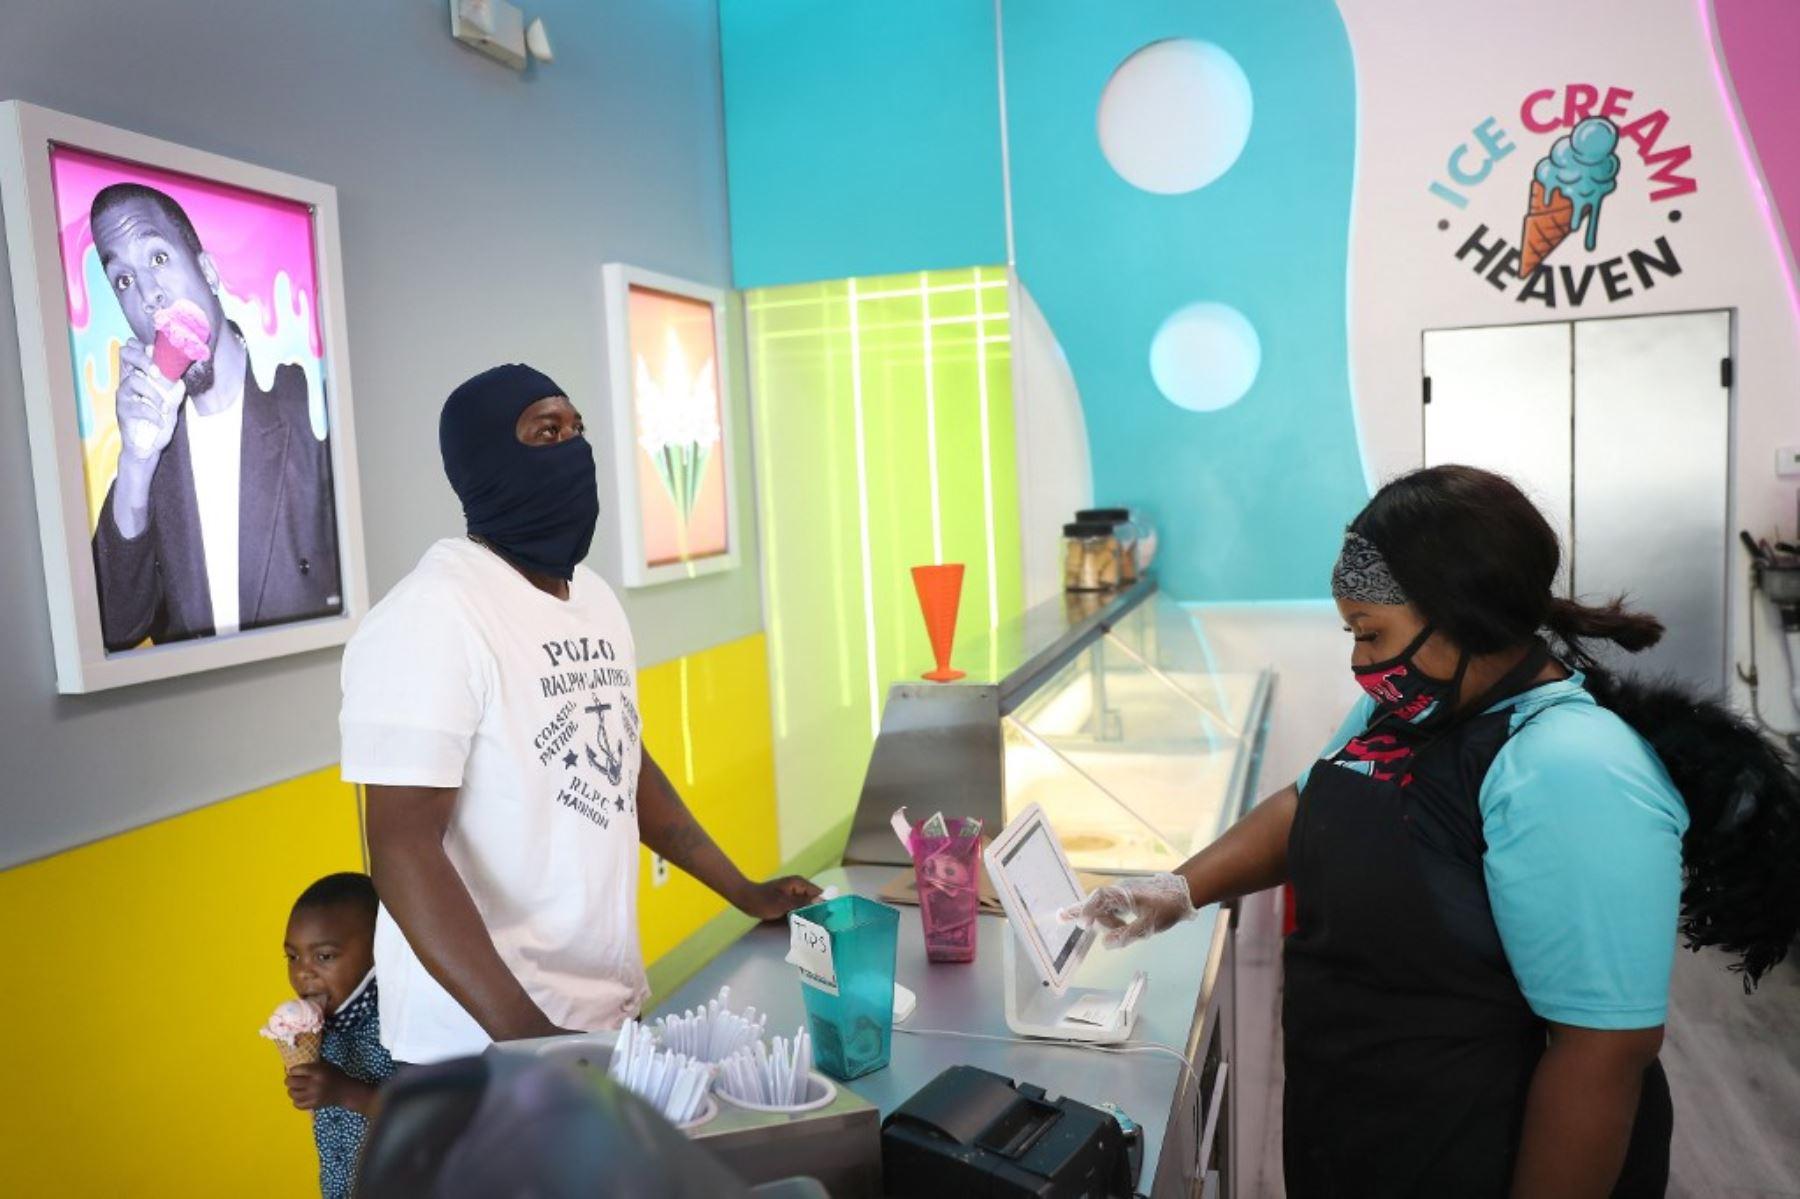 Un padre y su hijo compran helados en una tienda en Miami. Foto: AFP